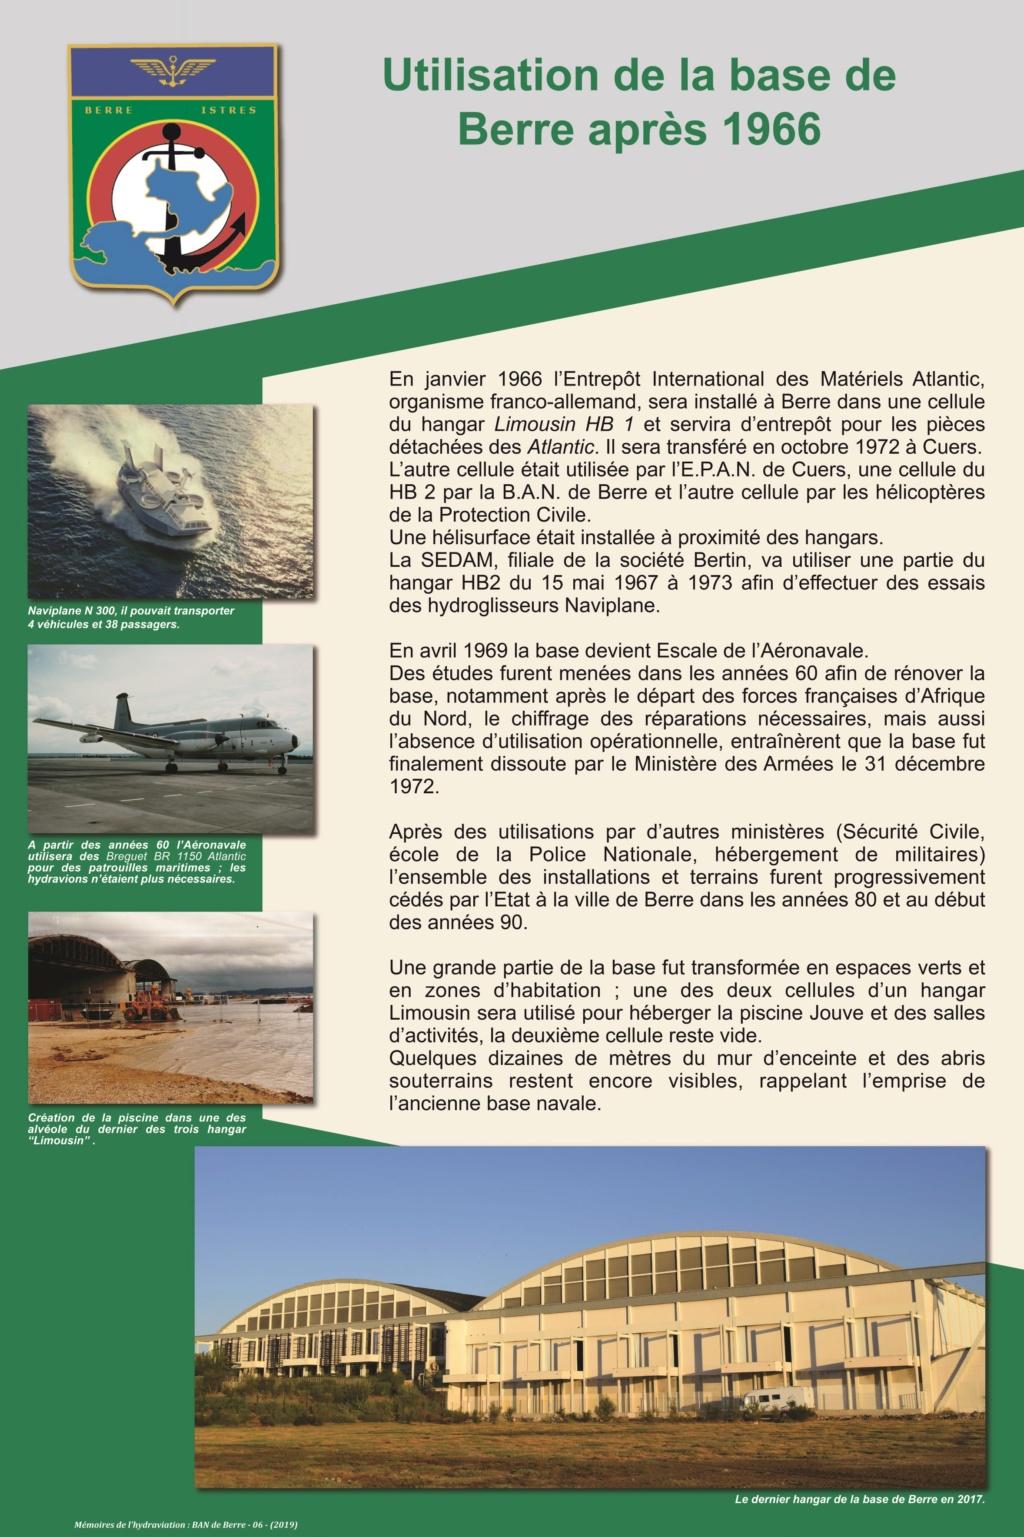 [ Aéronavale divers ] Exposition conférence sur la BAN de Berre P06_ut10